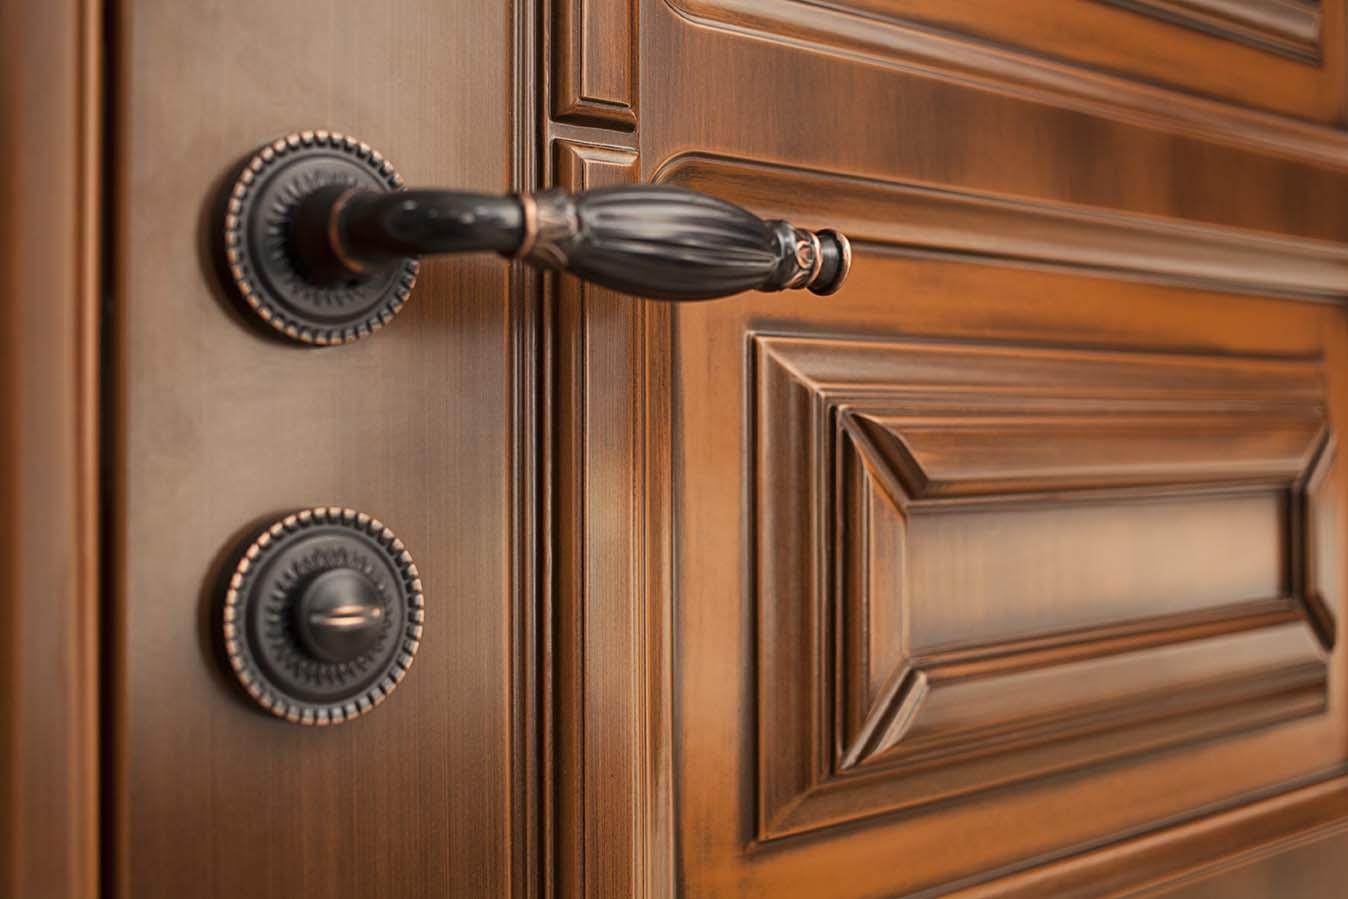 где купить межкомнатные двери